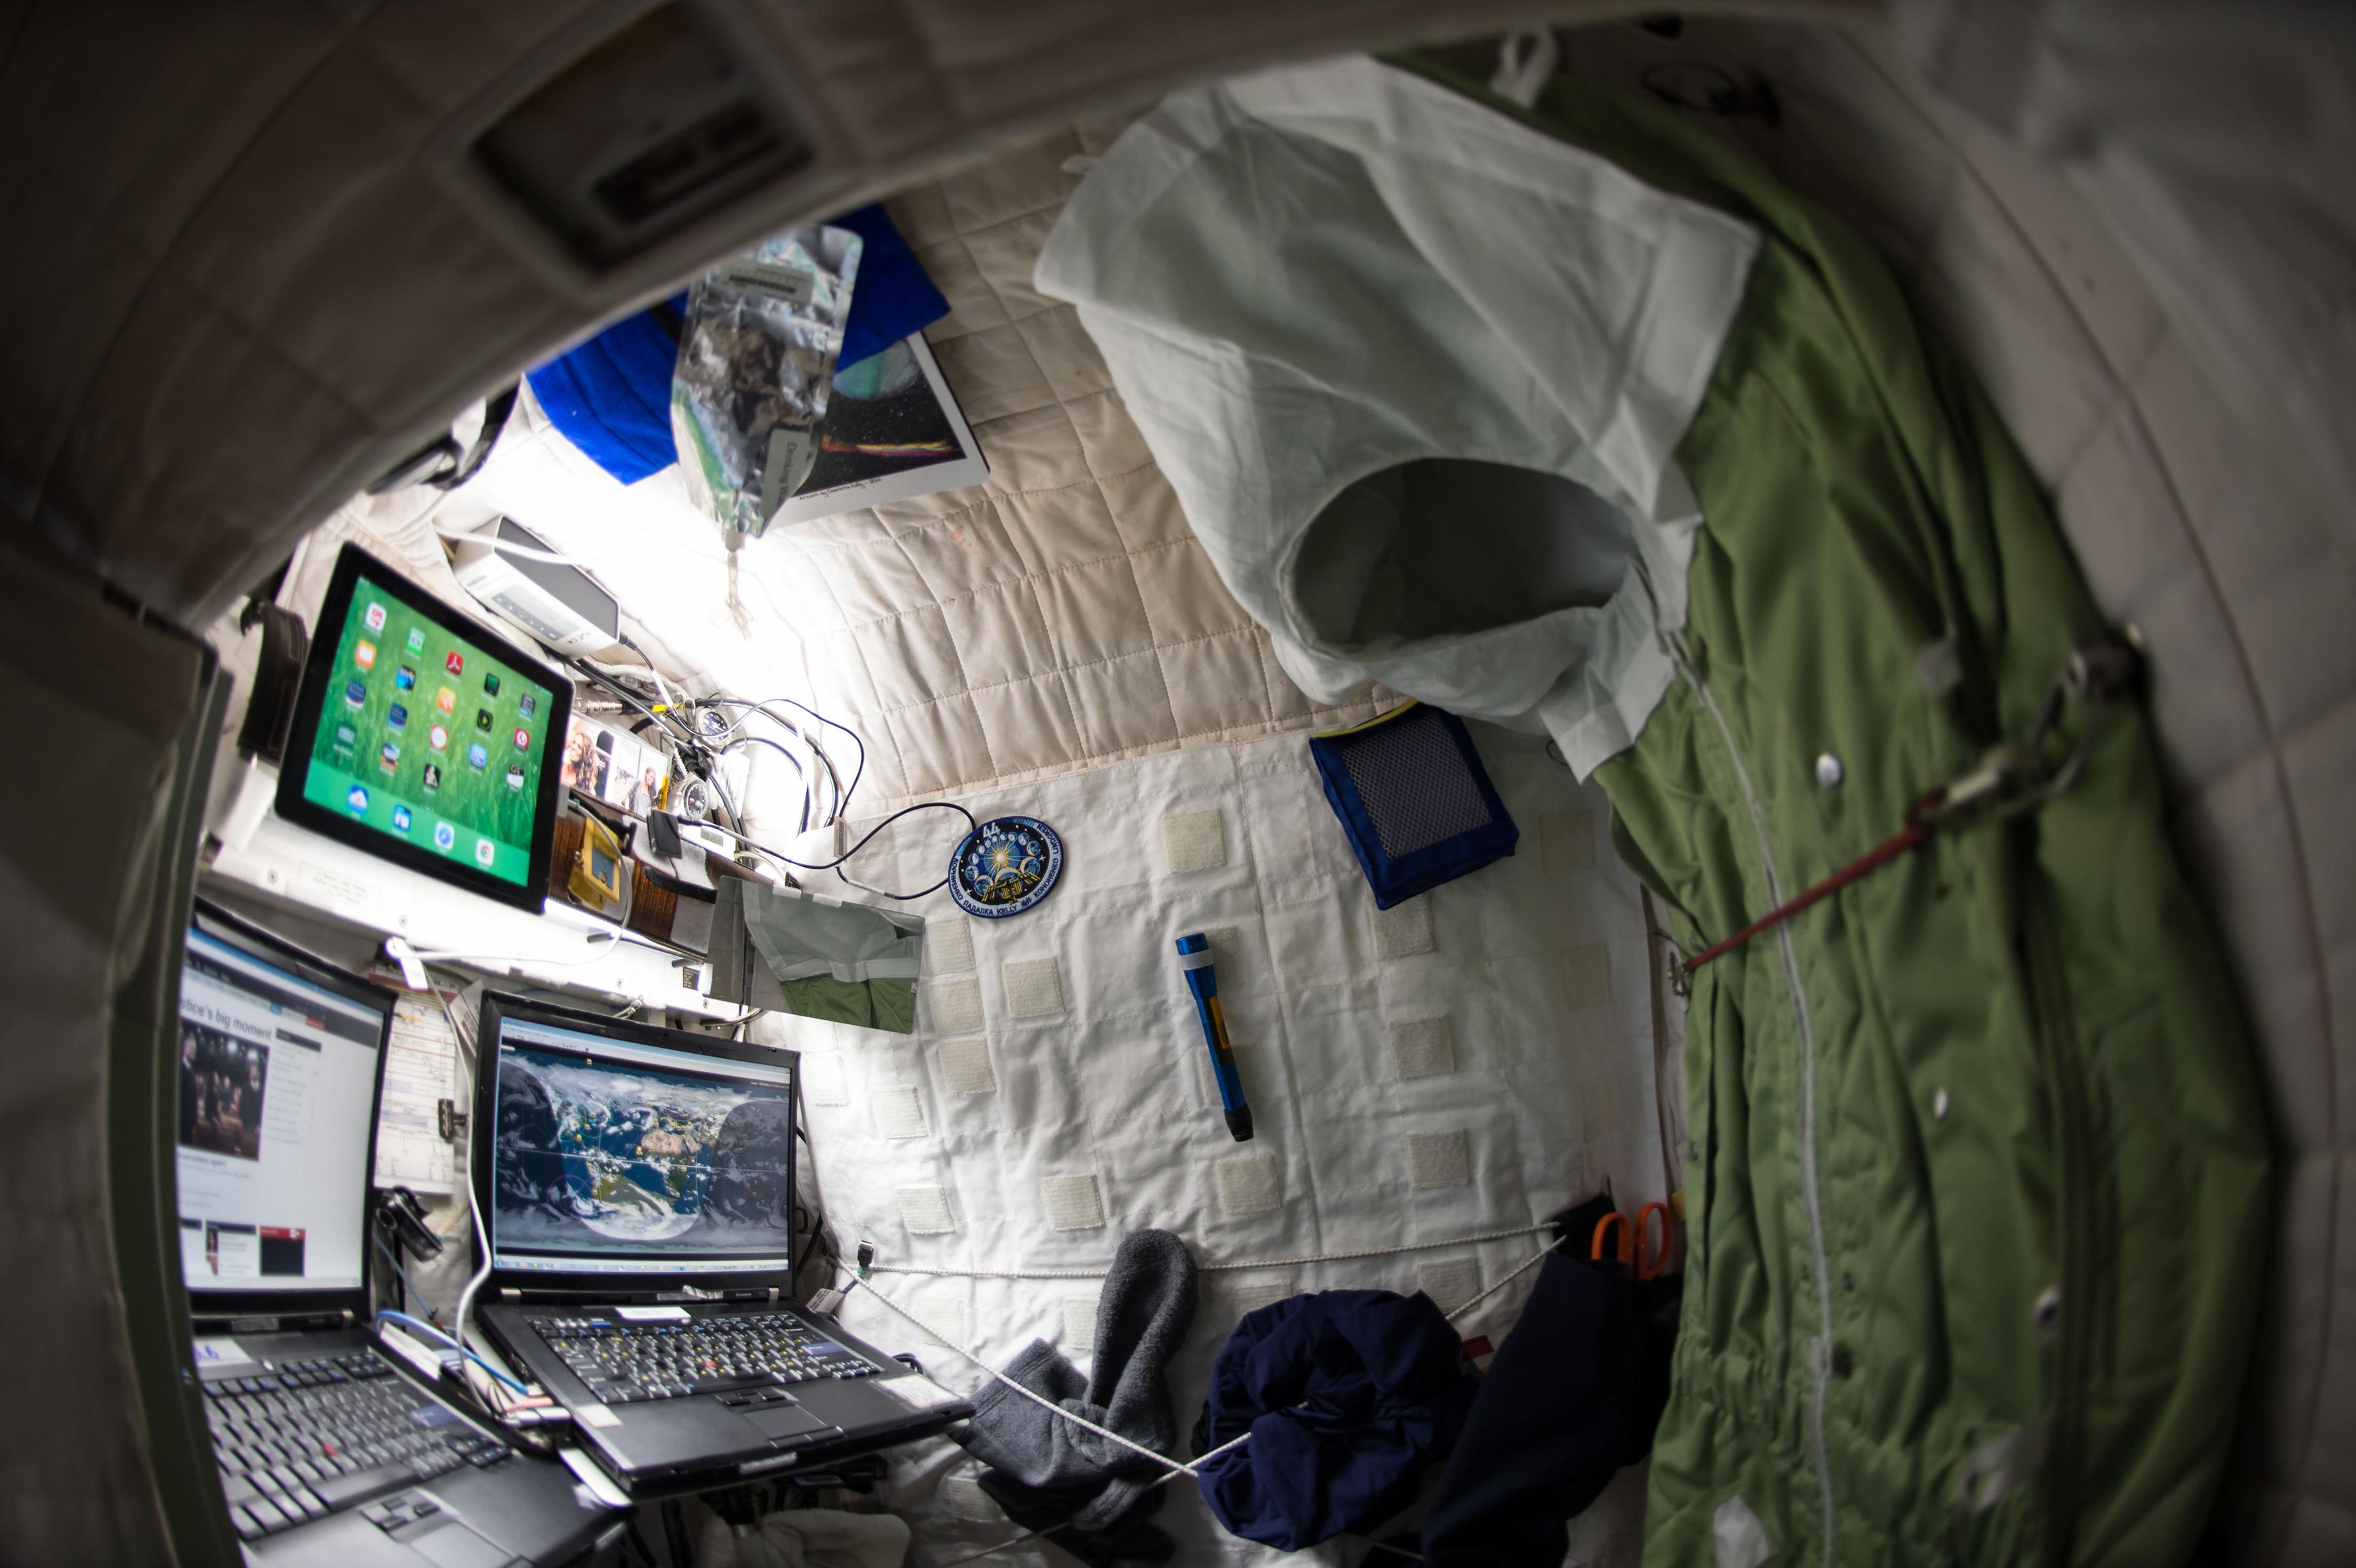 Kelly vio el partido de futbol americano desde el espacio. (Scott Kelly/NASA via The New York Times)